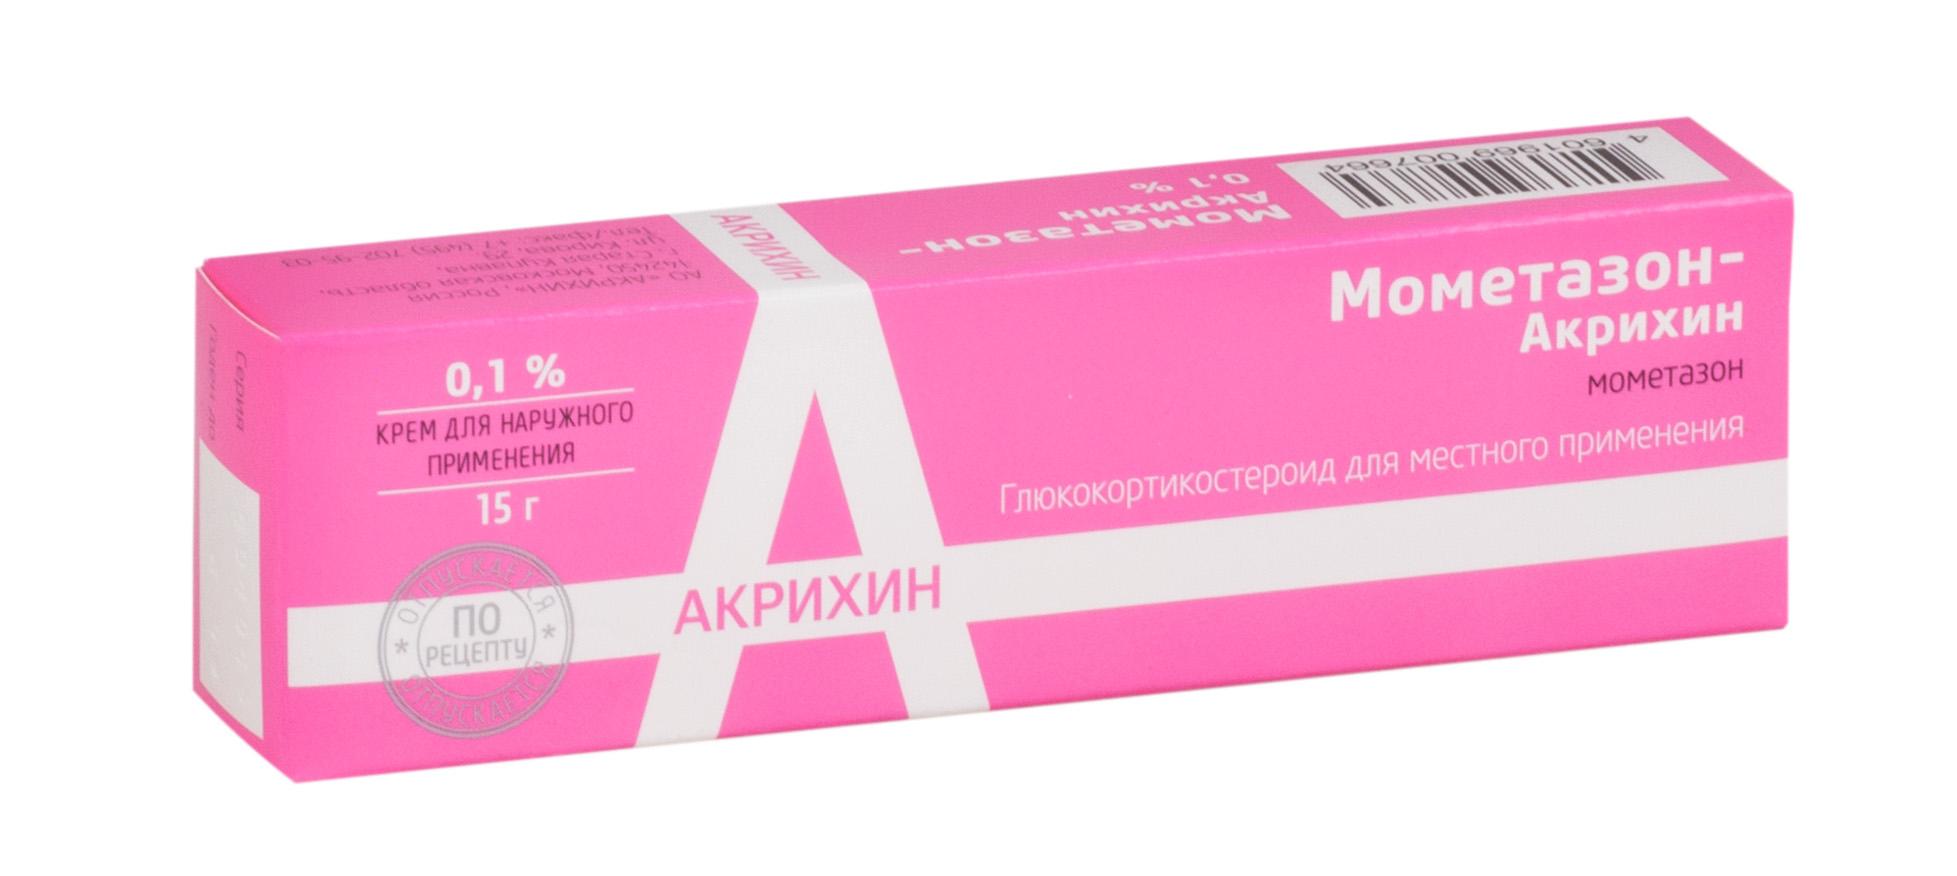 Мометазон-акрихин крем д/нар.прим. 0,1% туба 15г